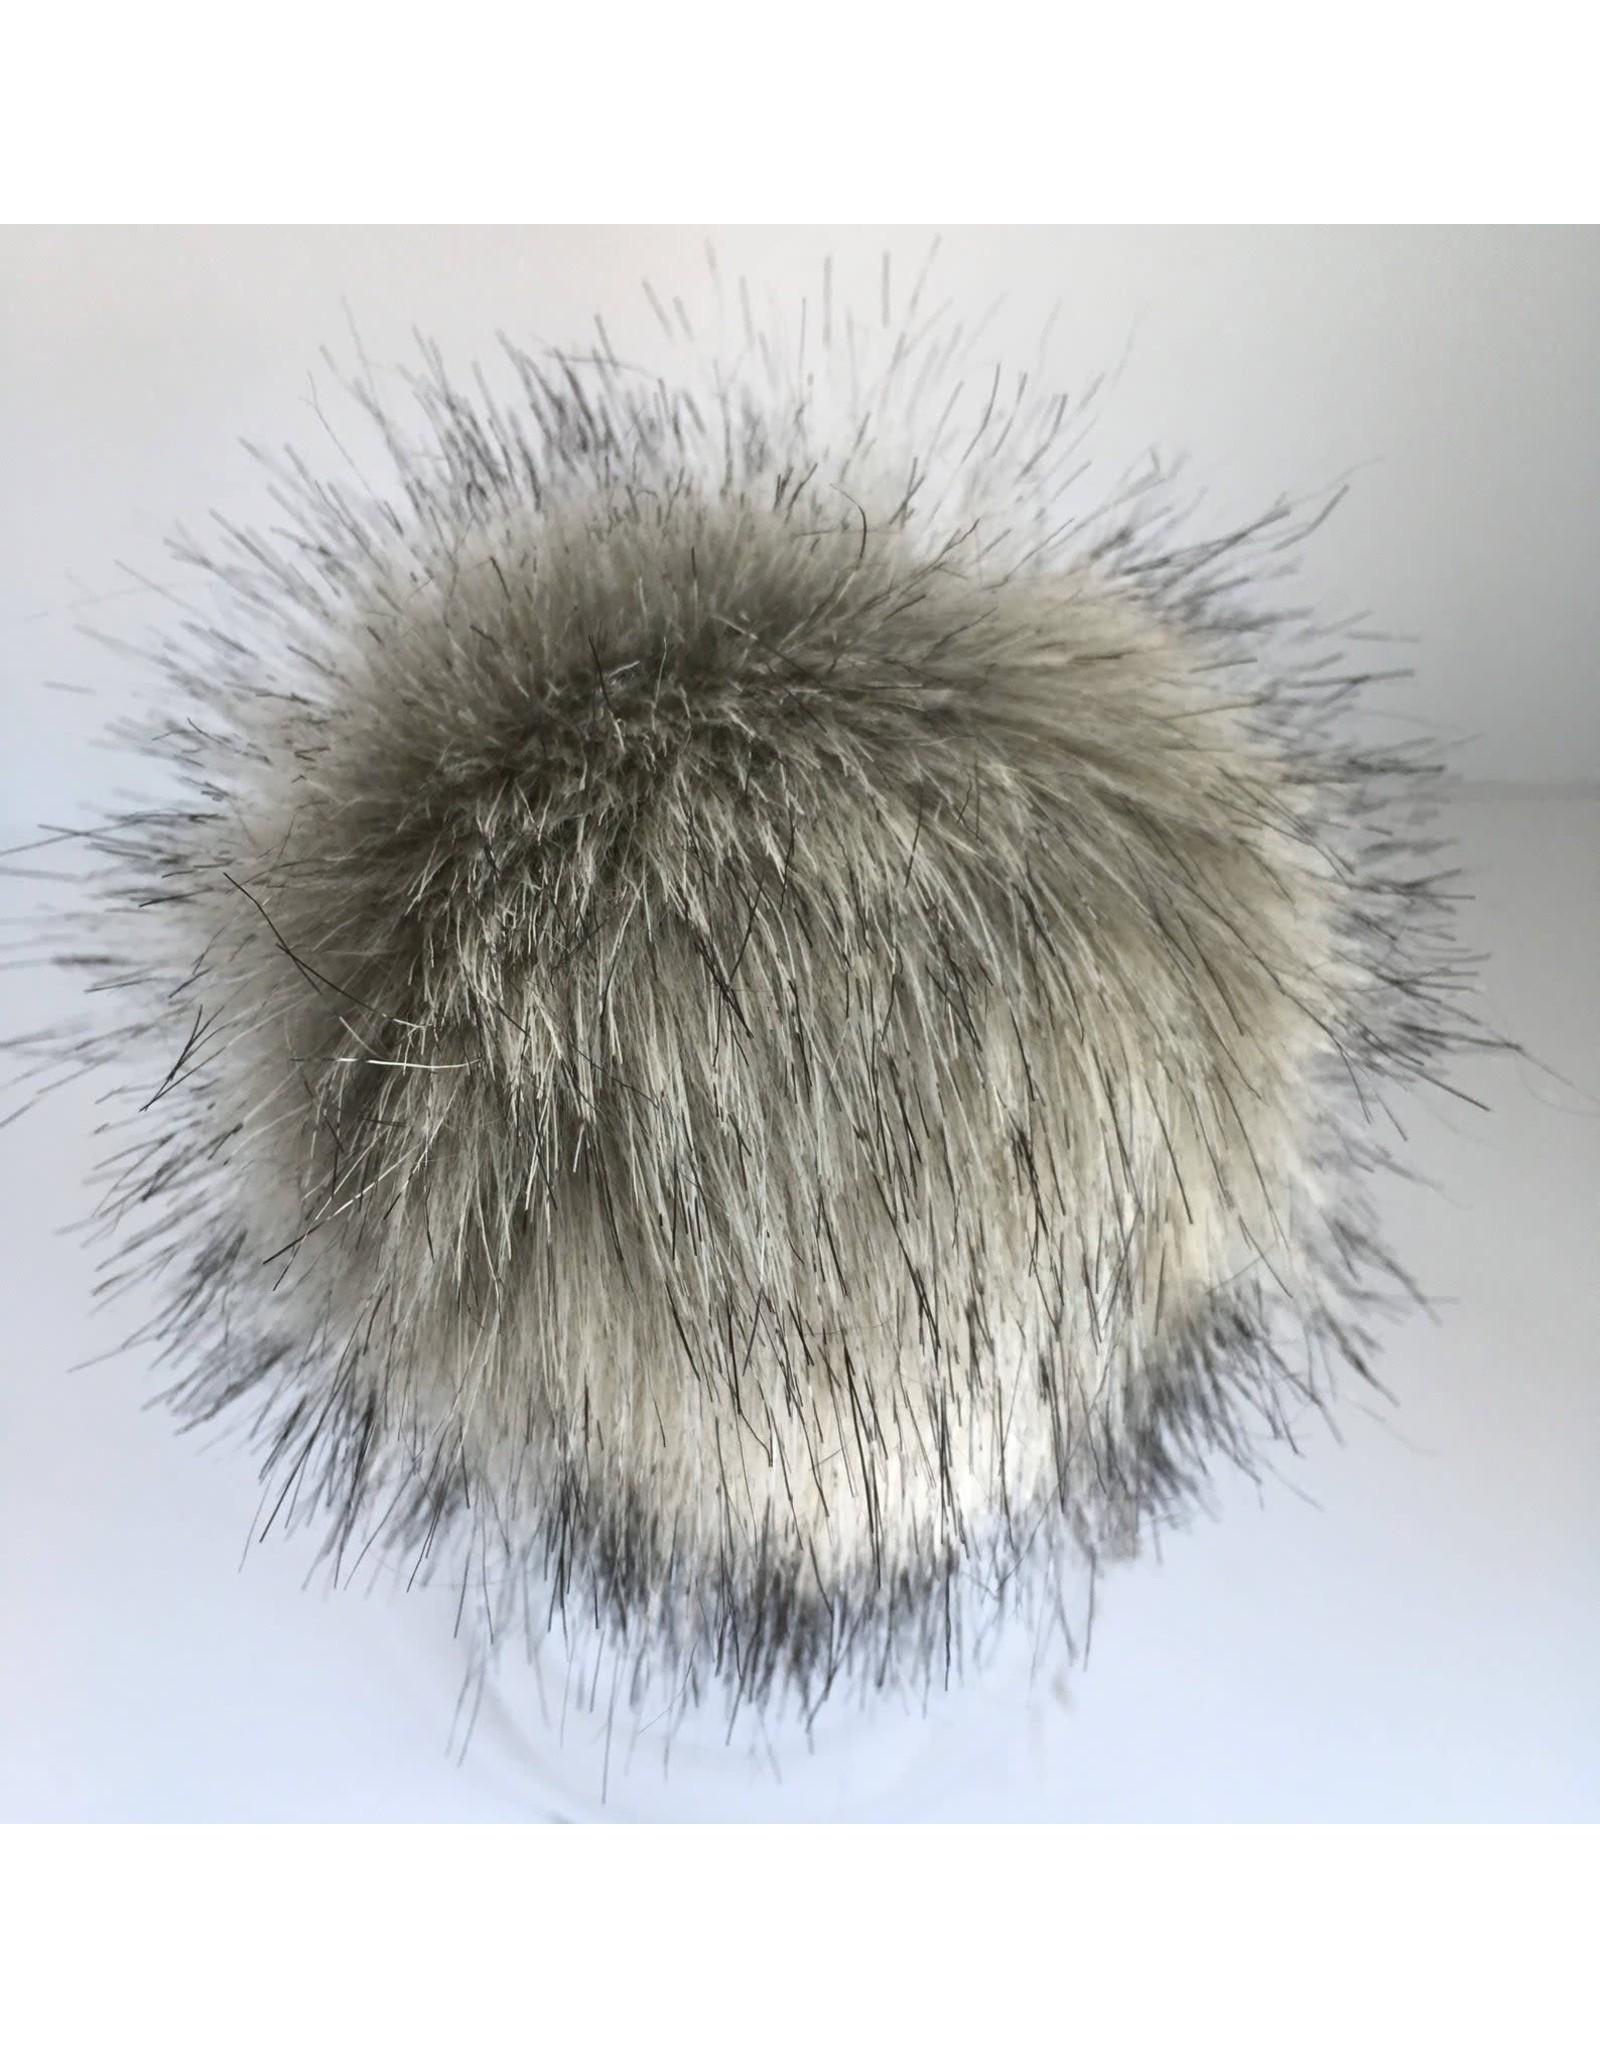 Faux Fur Pom Pom - Neutrals - Wolf